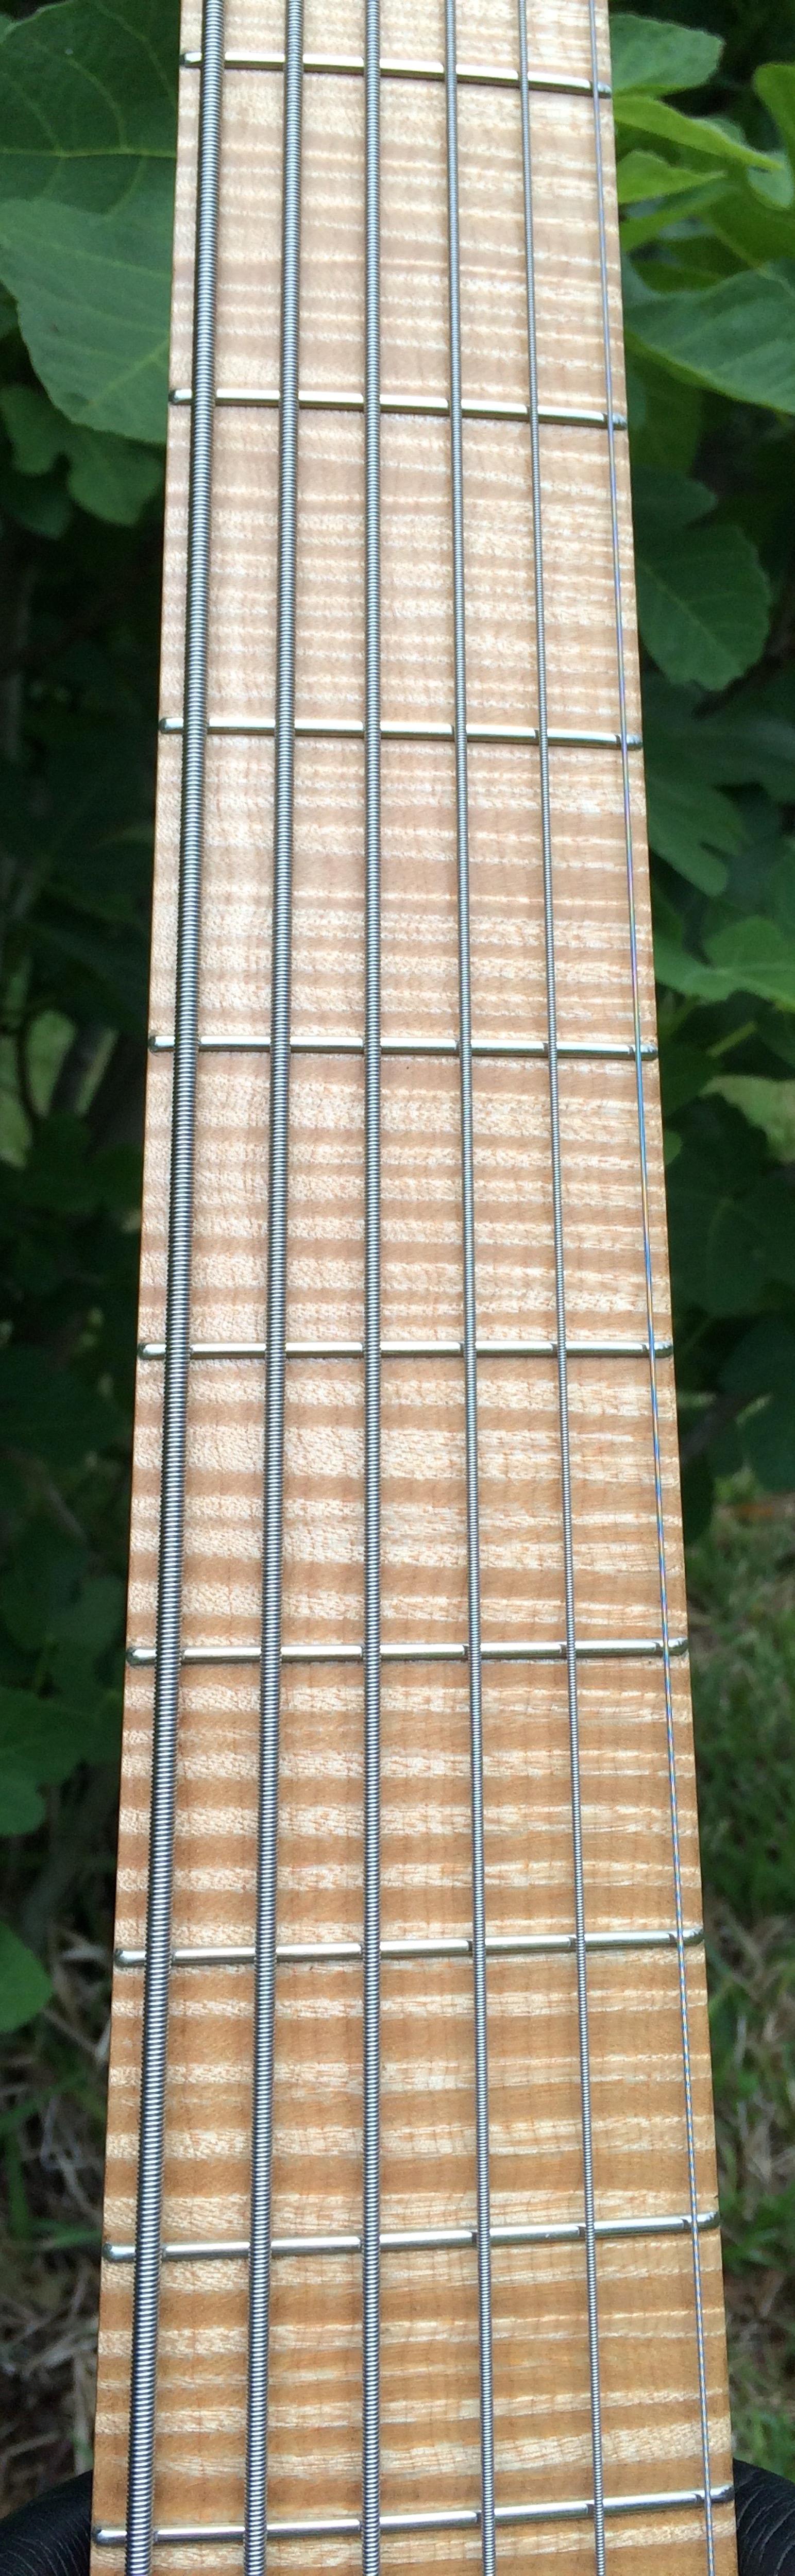 389 fretboard